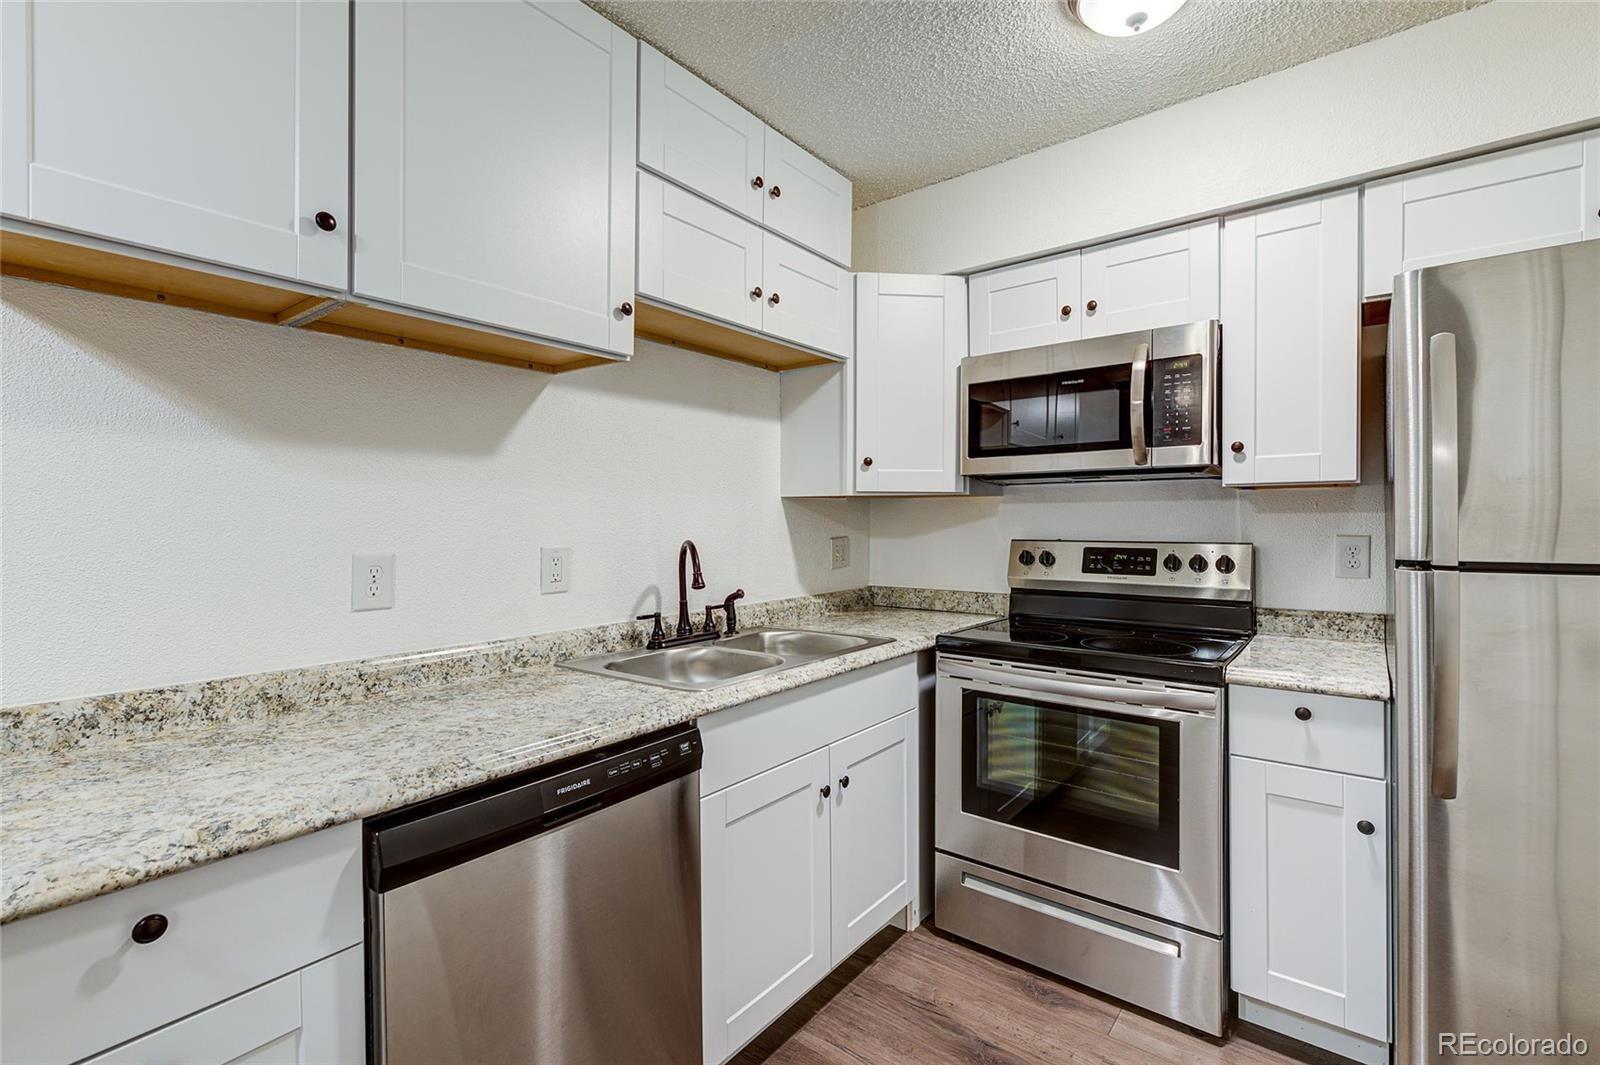 MLS# 2738883 - 13 - 5300 E Cherry Creek South Drive #501, Denver, CO 80246